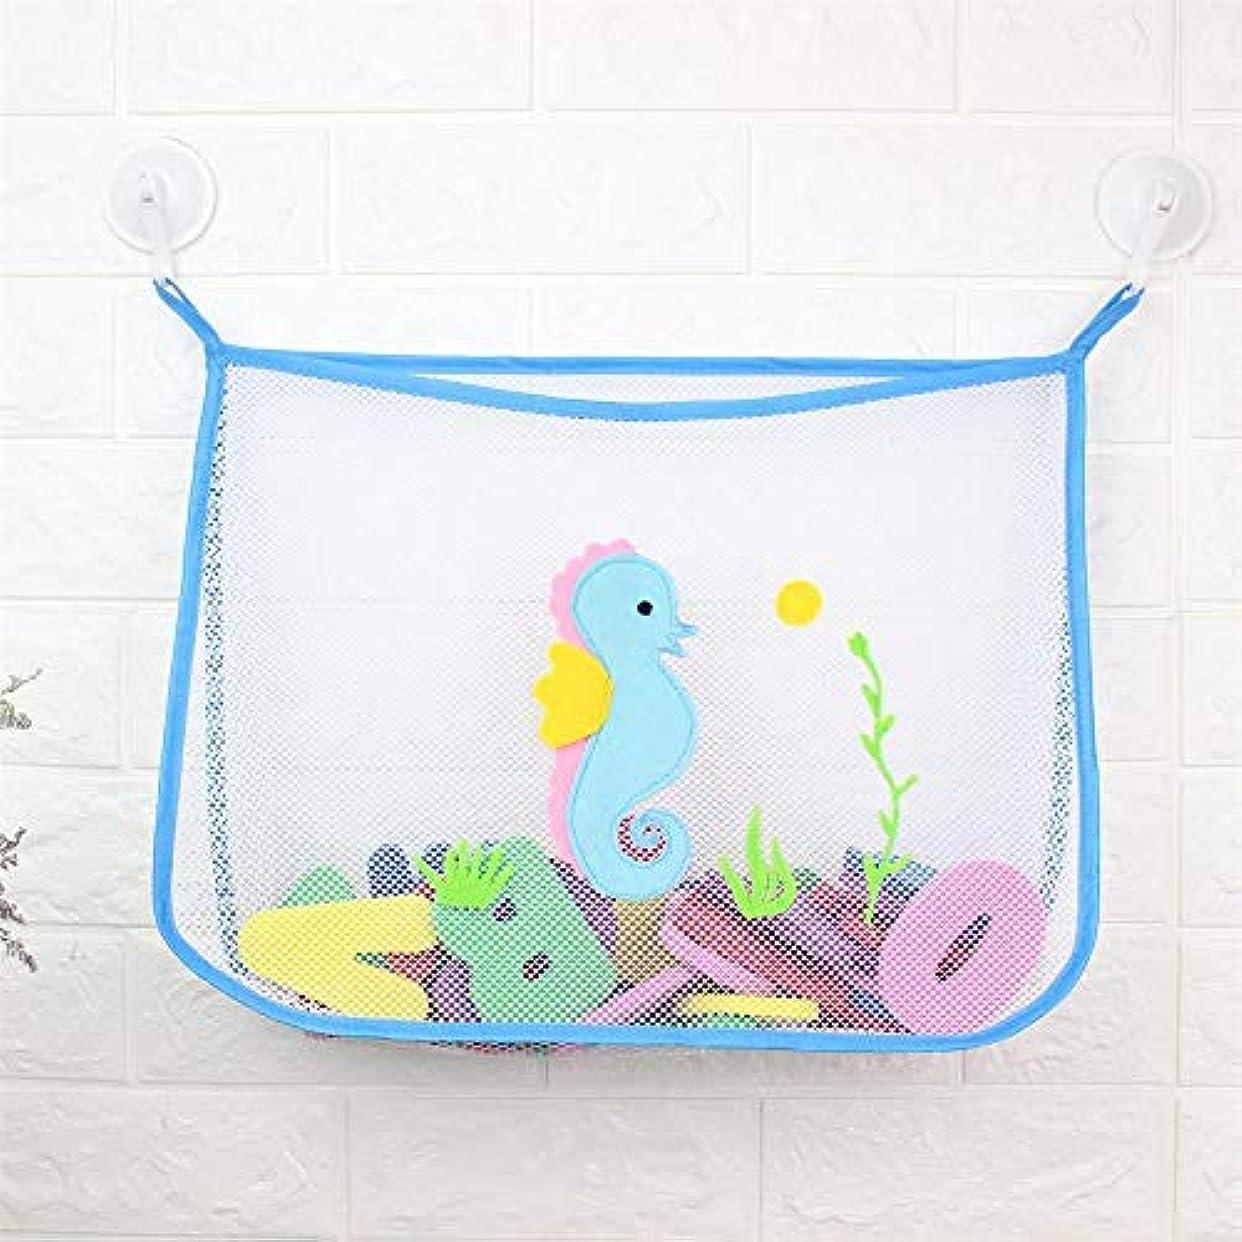 できないぼんやりした涙が出るベビーシャワー風呂のおもちゃ小さなアヒル小さなカエルの赤ちゃん子供のおもちゃ収納メッシュで強い吸盤玩具バッグネット浴室オーガナイザー (青)